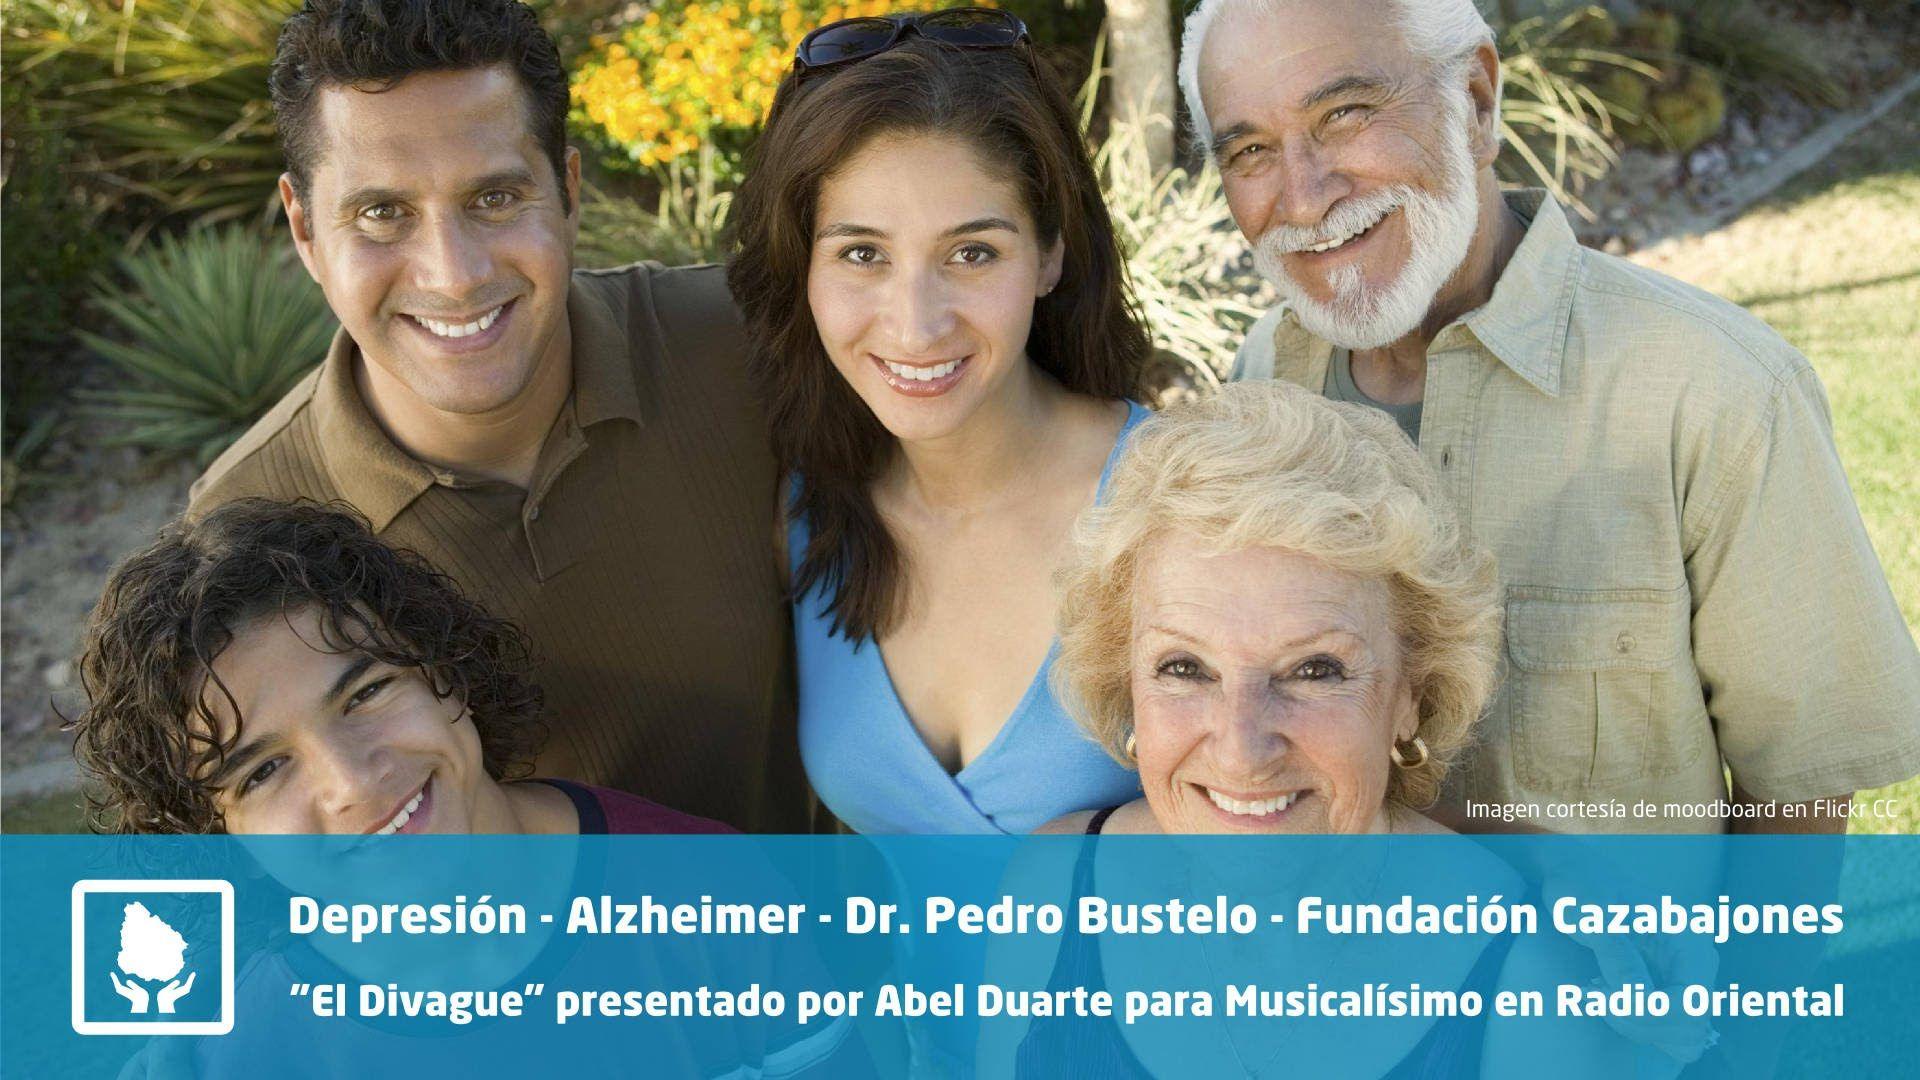 Depresión - Alzheimer - Dr. Pedro Bustelo - Musicalísimo